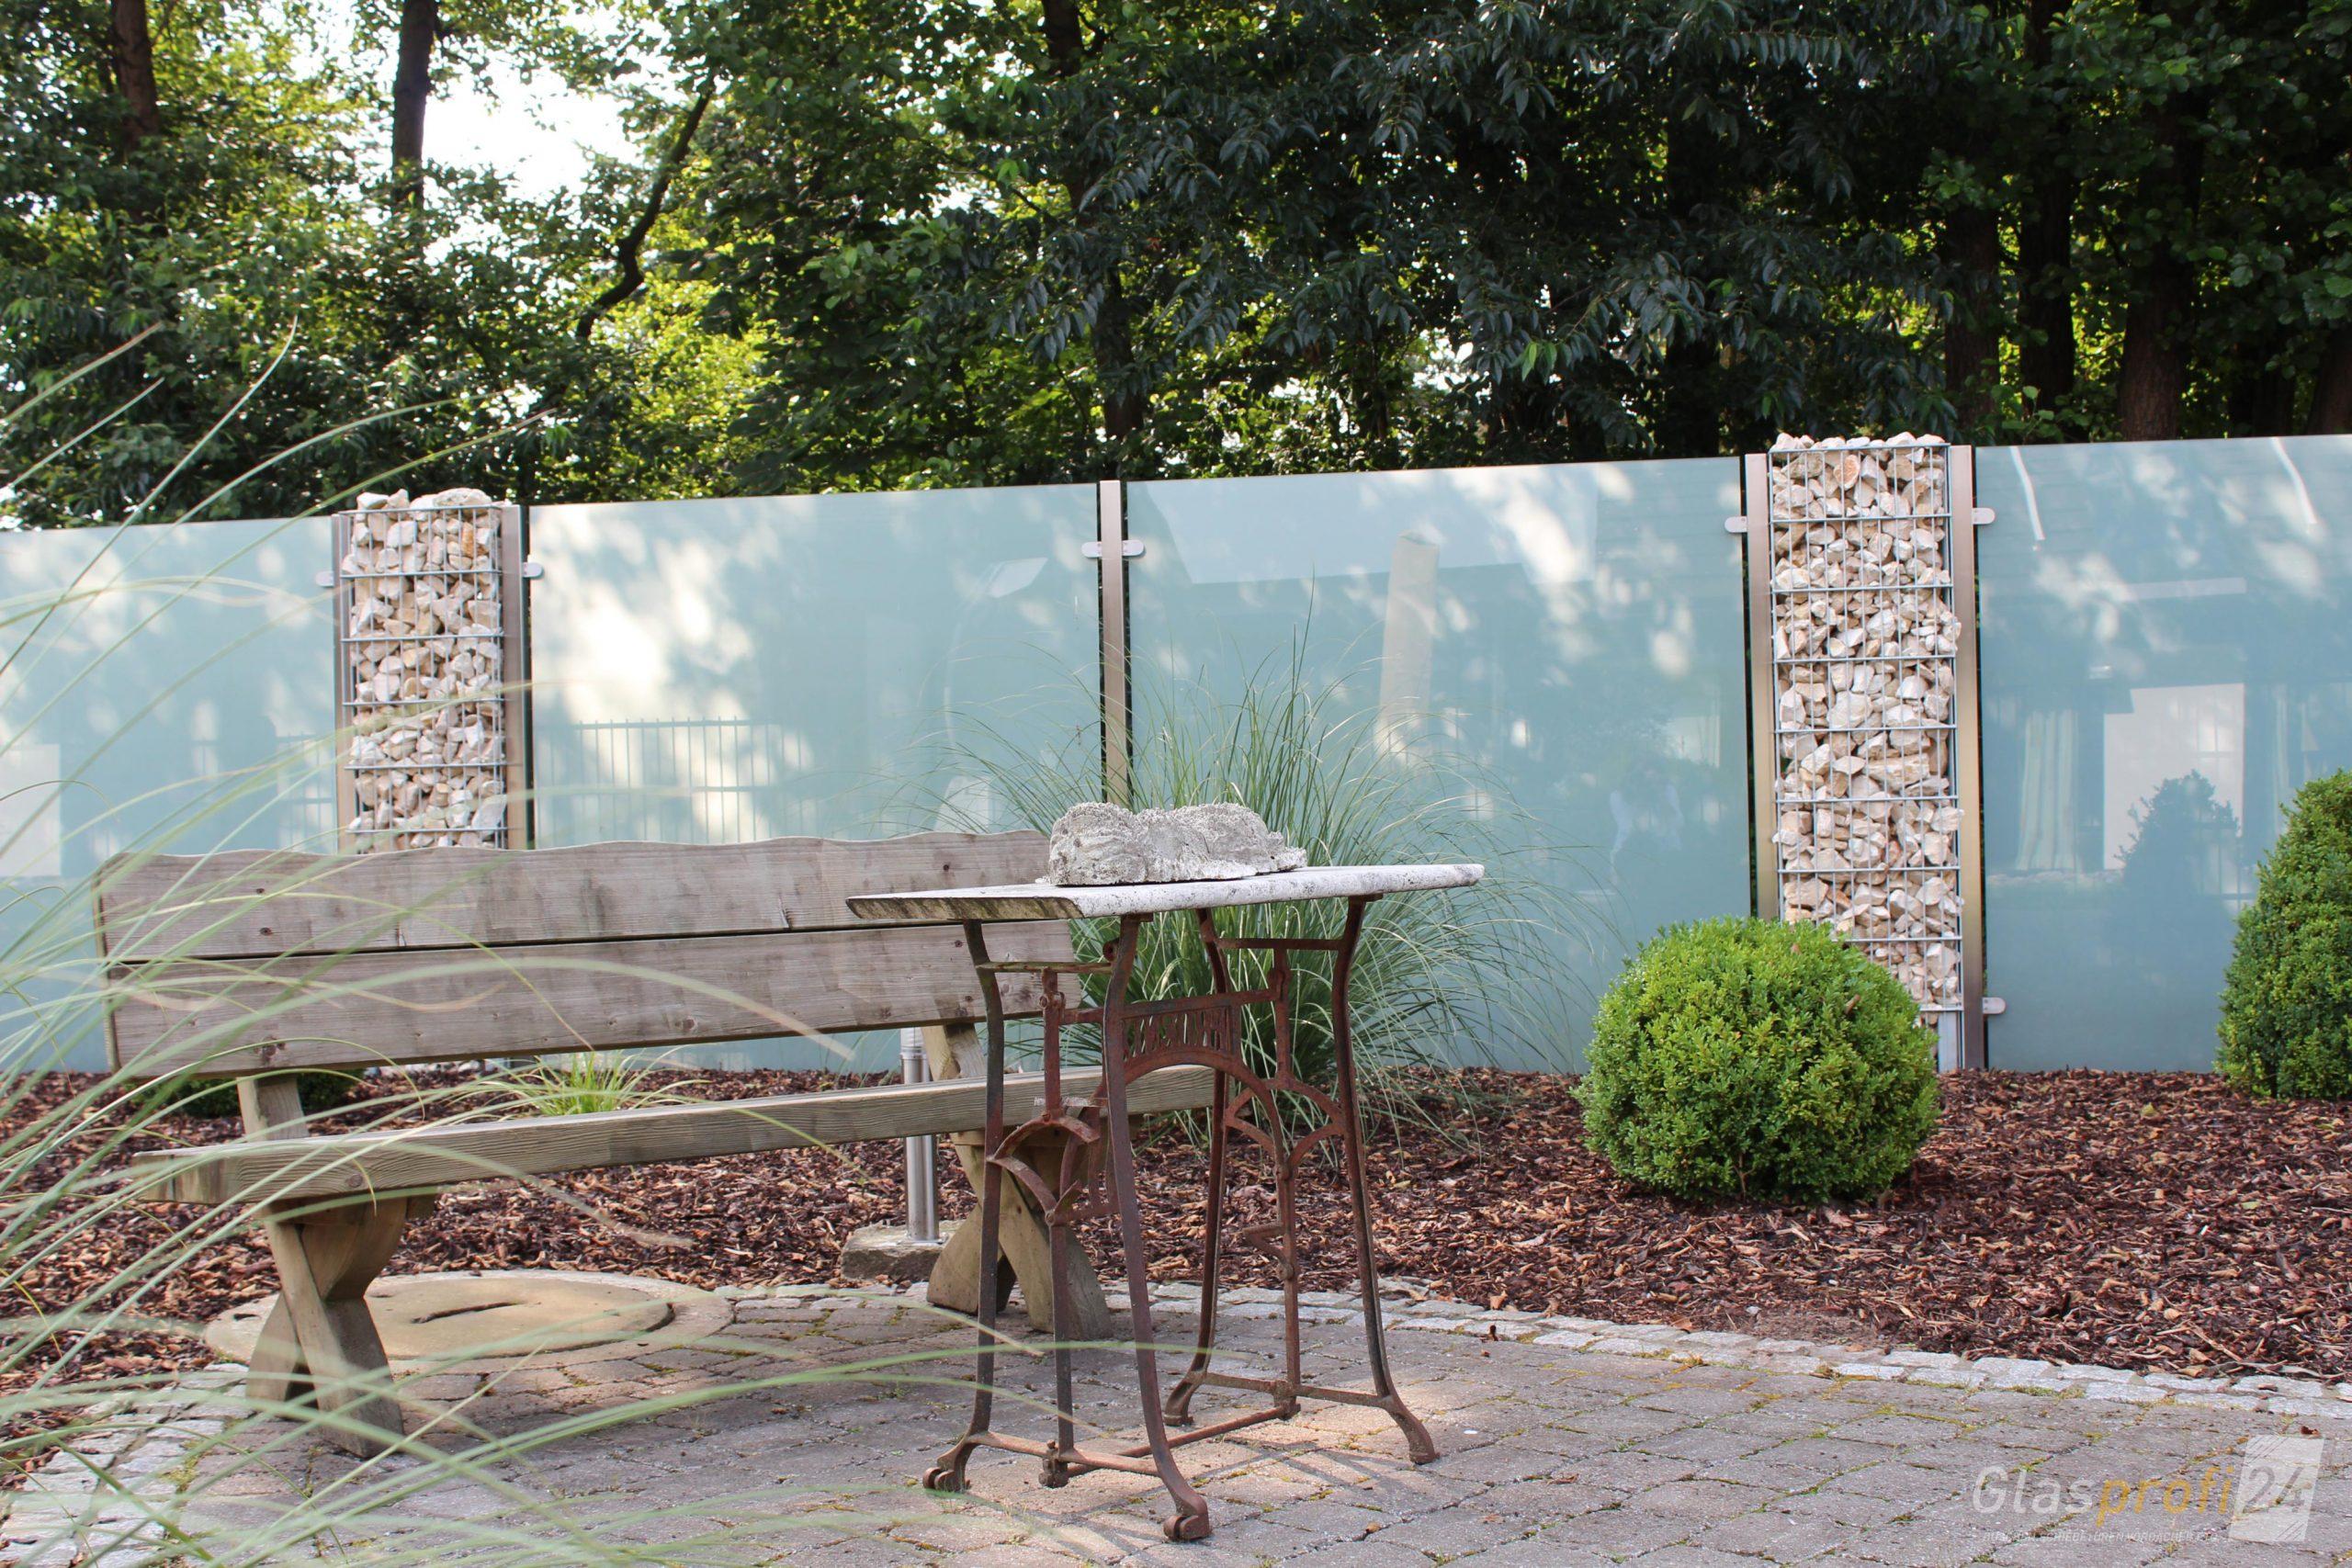 Full Size of Sichtschutz Garten Aus Glas Fr Den Glasprofi24 Sitzgruppe Holzhaus Vertikal Lounge Sessel Lärmschutz Tisch Spielhaus Bewässerungssysteme Klettergerüst Garten Sichtschutz Garten